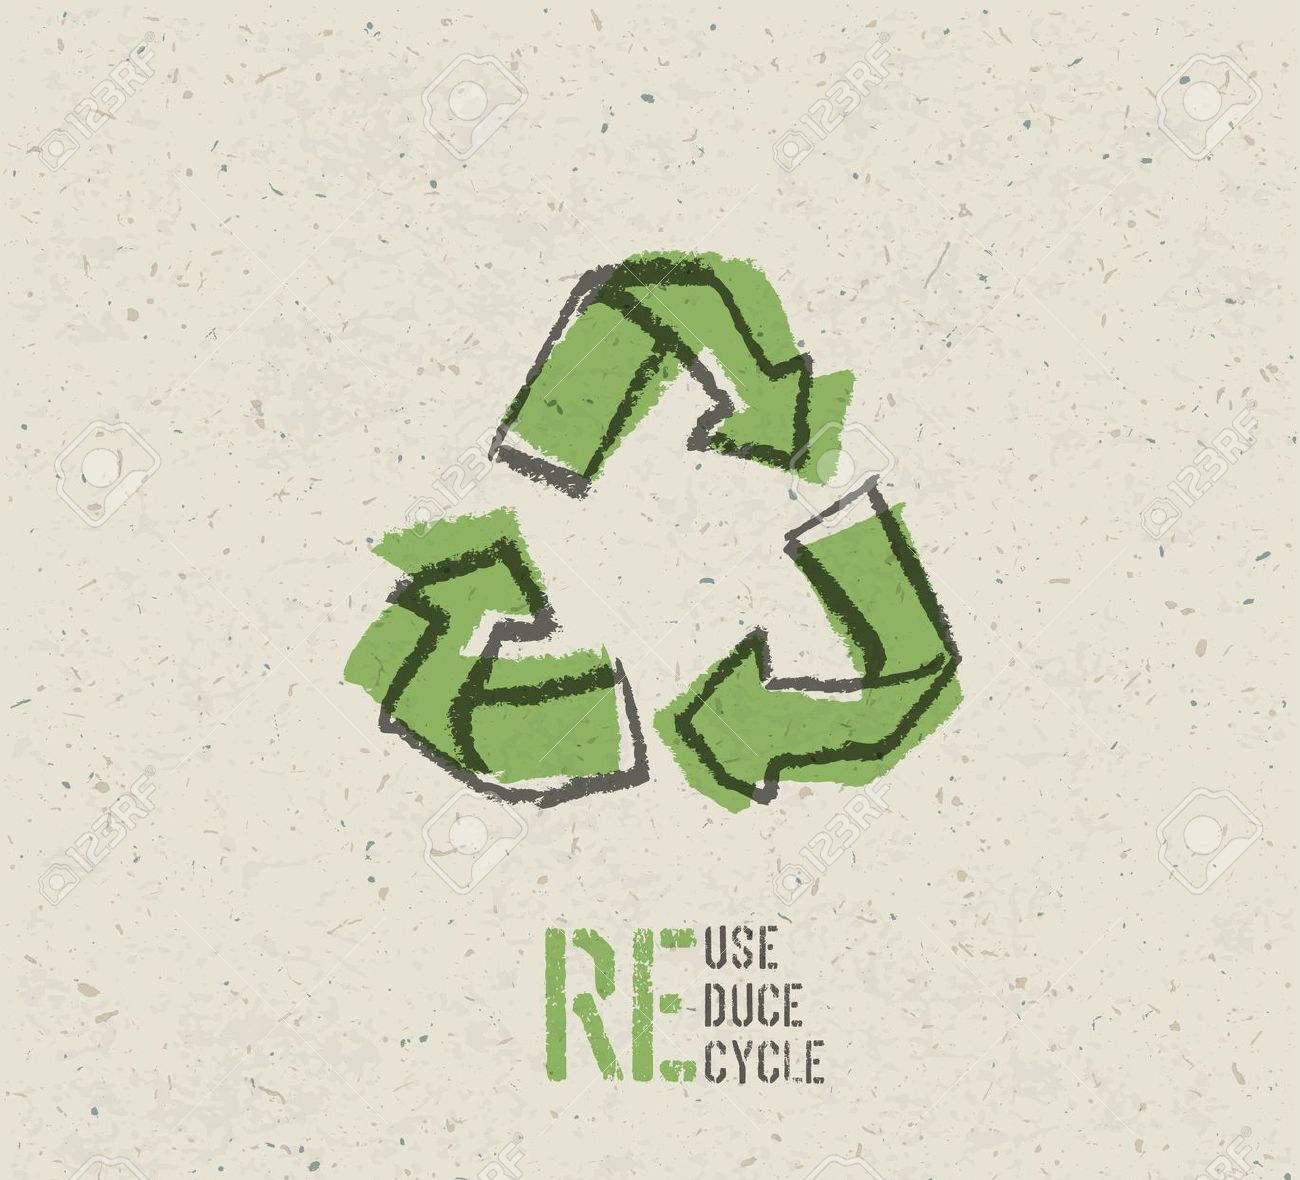 consejos para reciclar papel